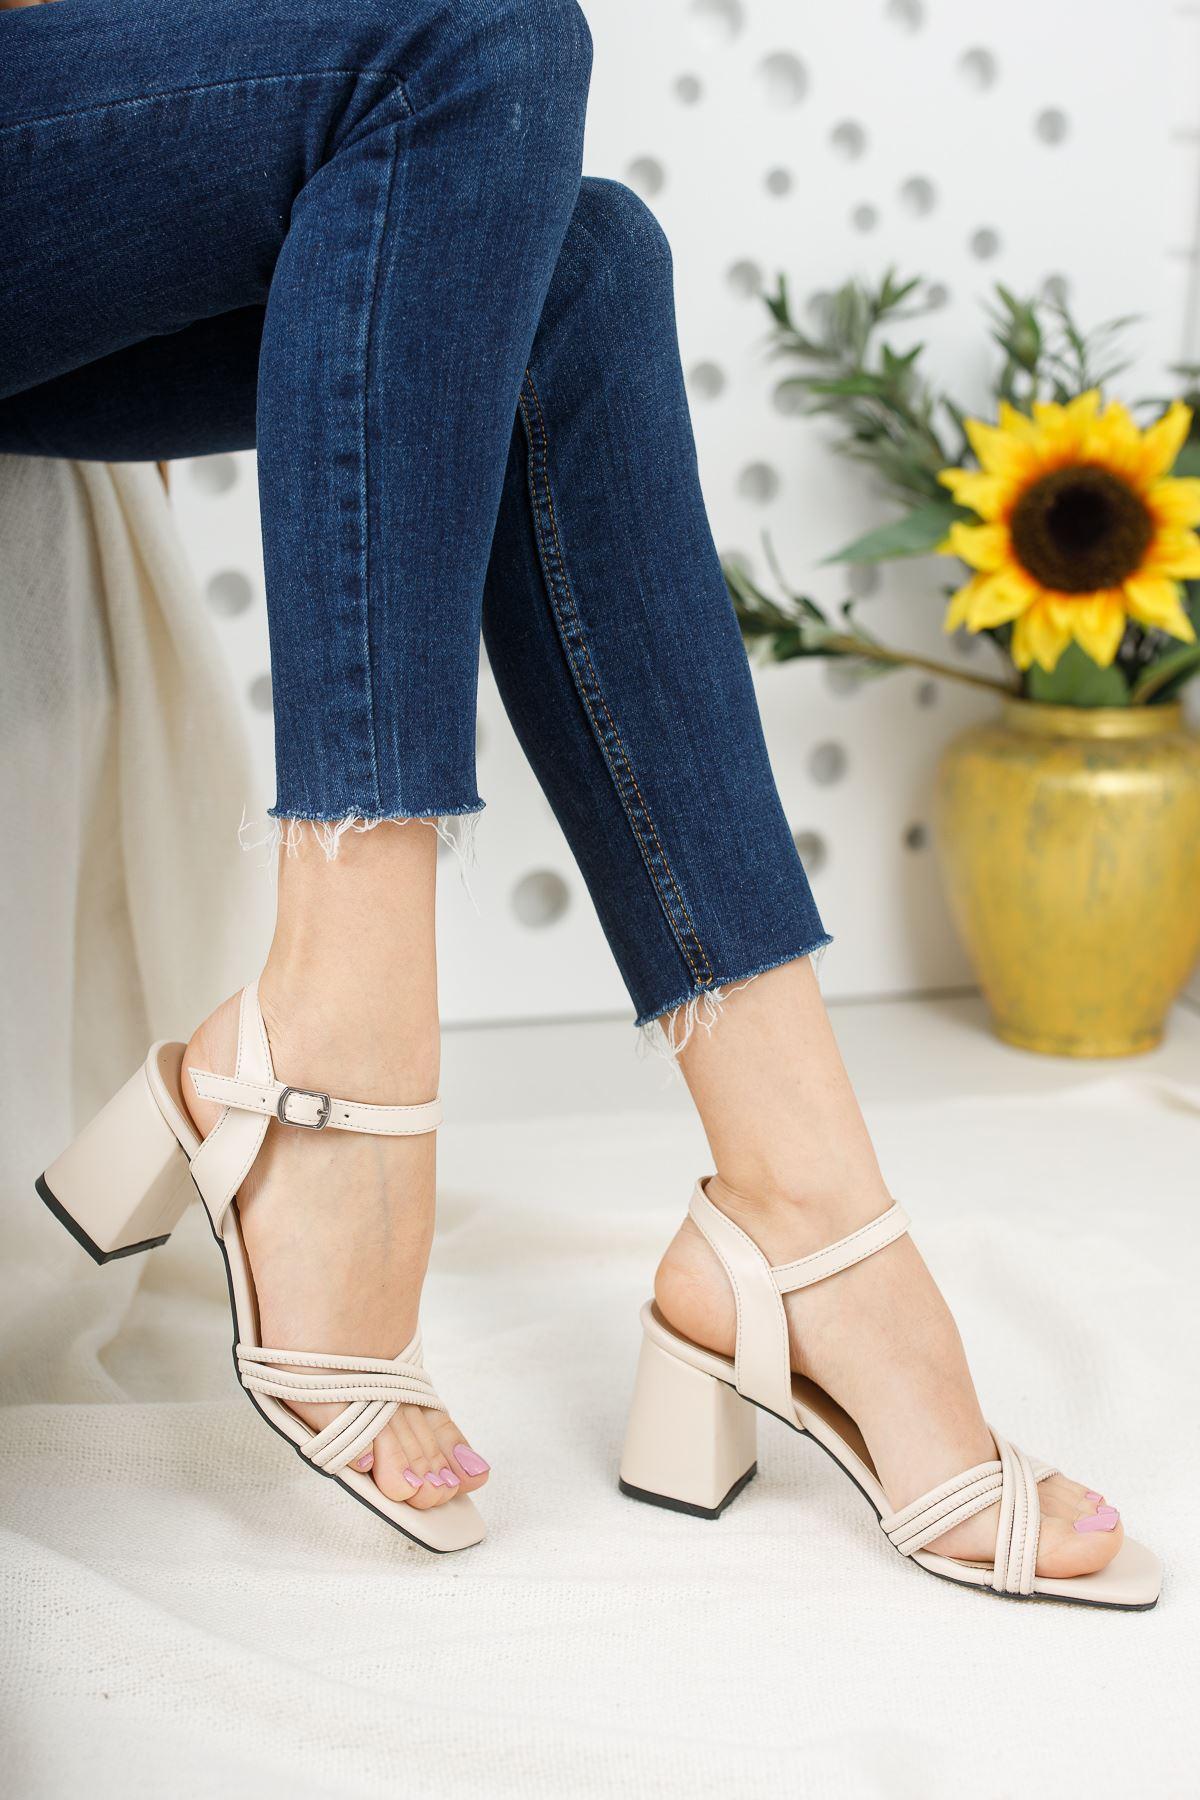 Kadın Yuli Kısa Topuklu Çapraz Biyeli Mat Deri Ten Topuklu Ayakkabı